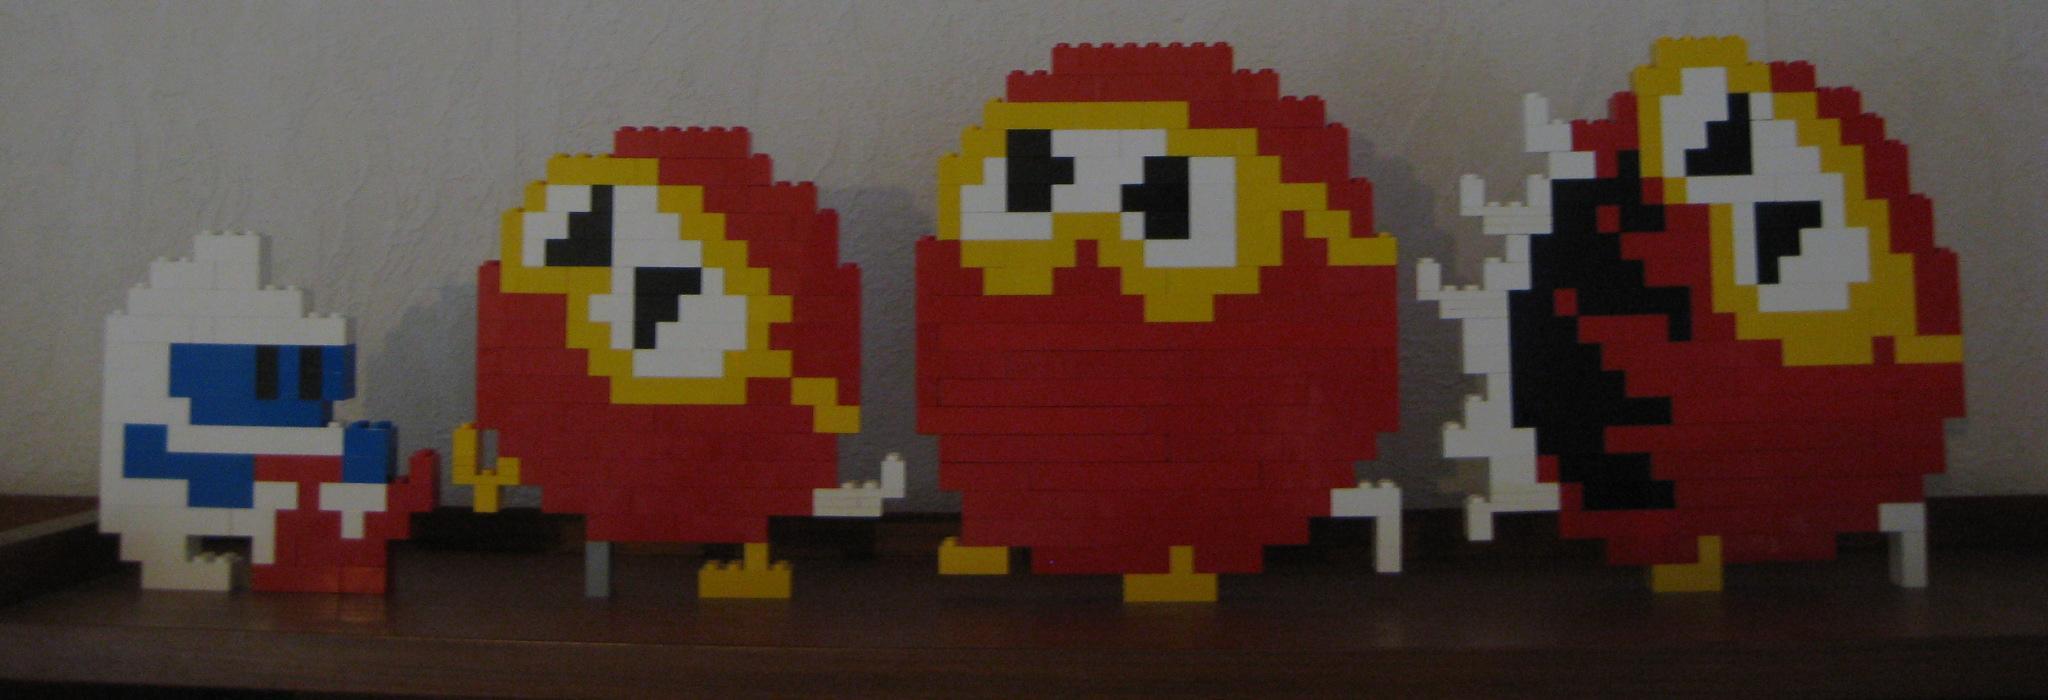 Lego - Digdug by Turoel